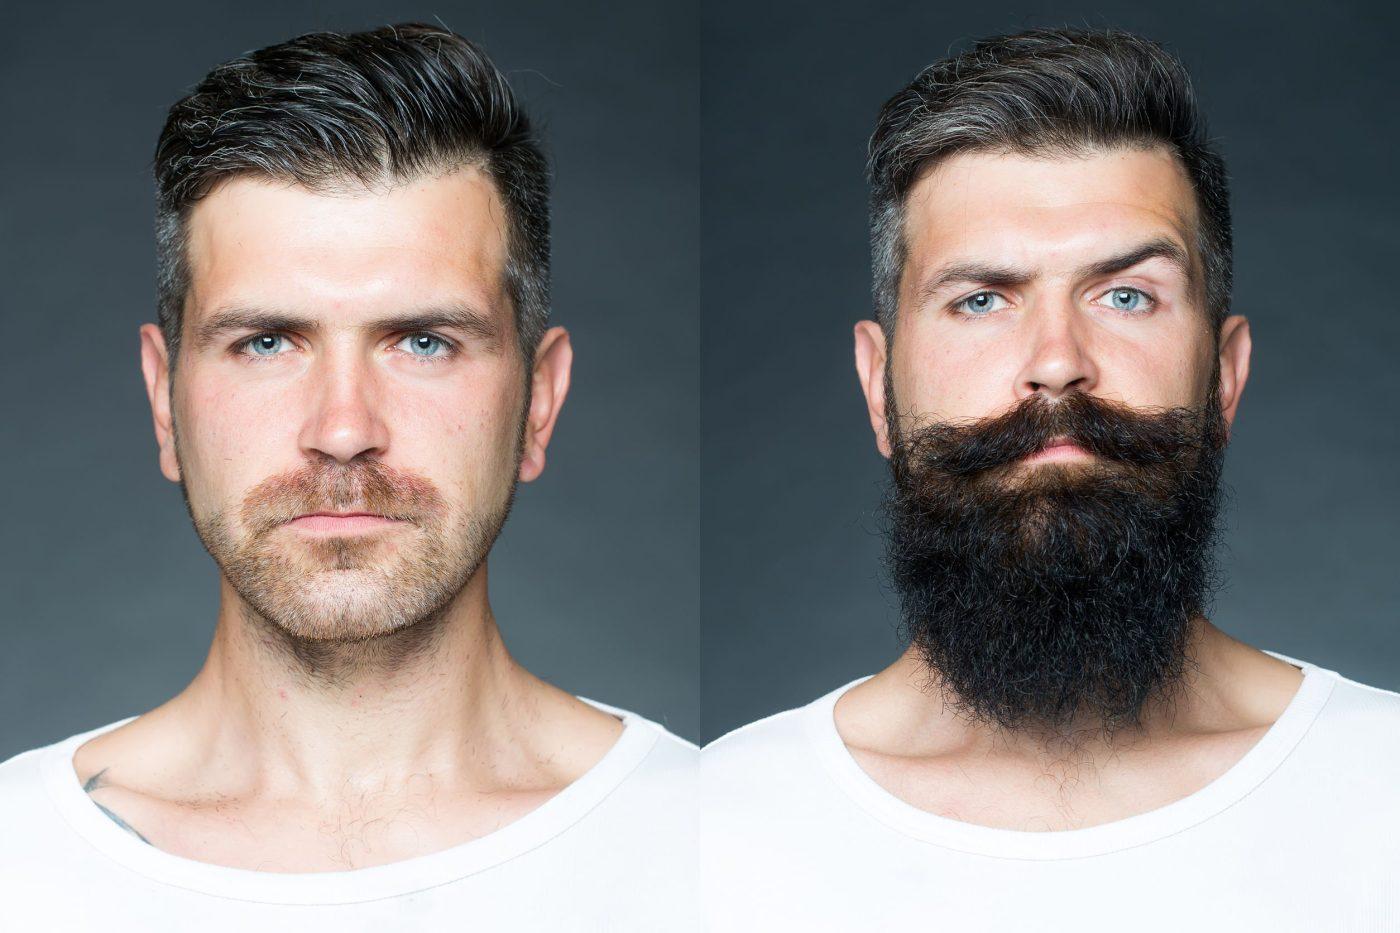 een succesvolle baard groeien en baardgroei versnellen - trendheads